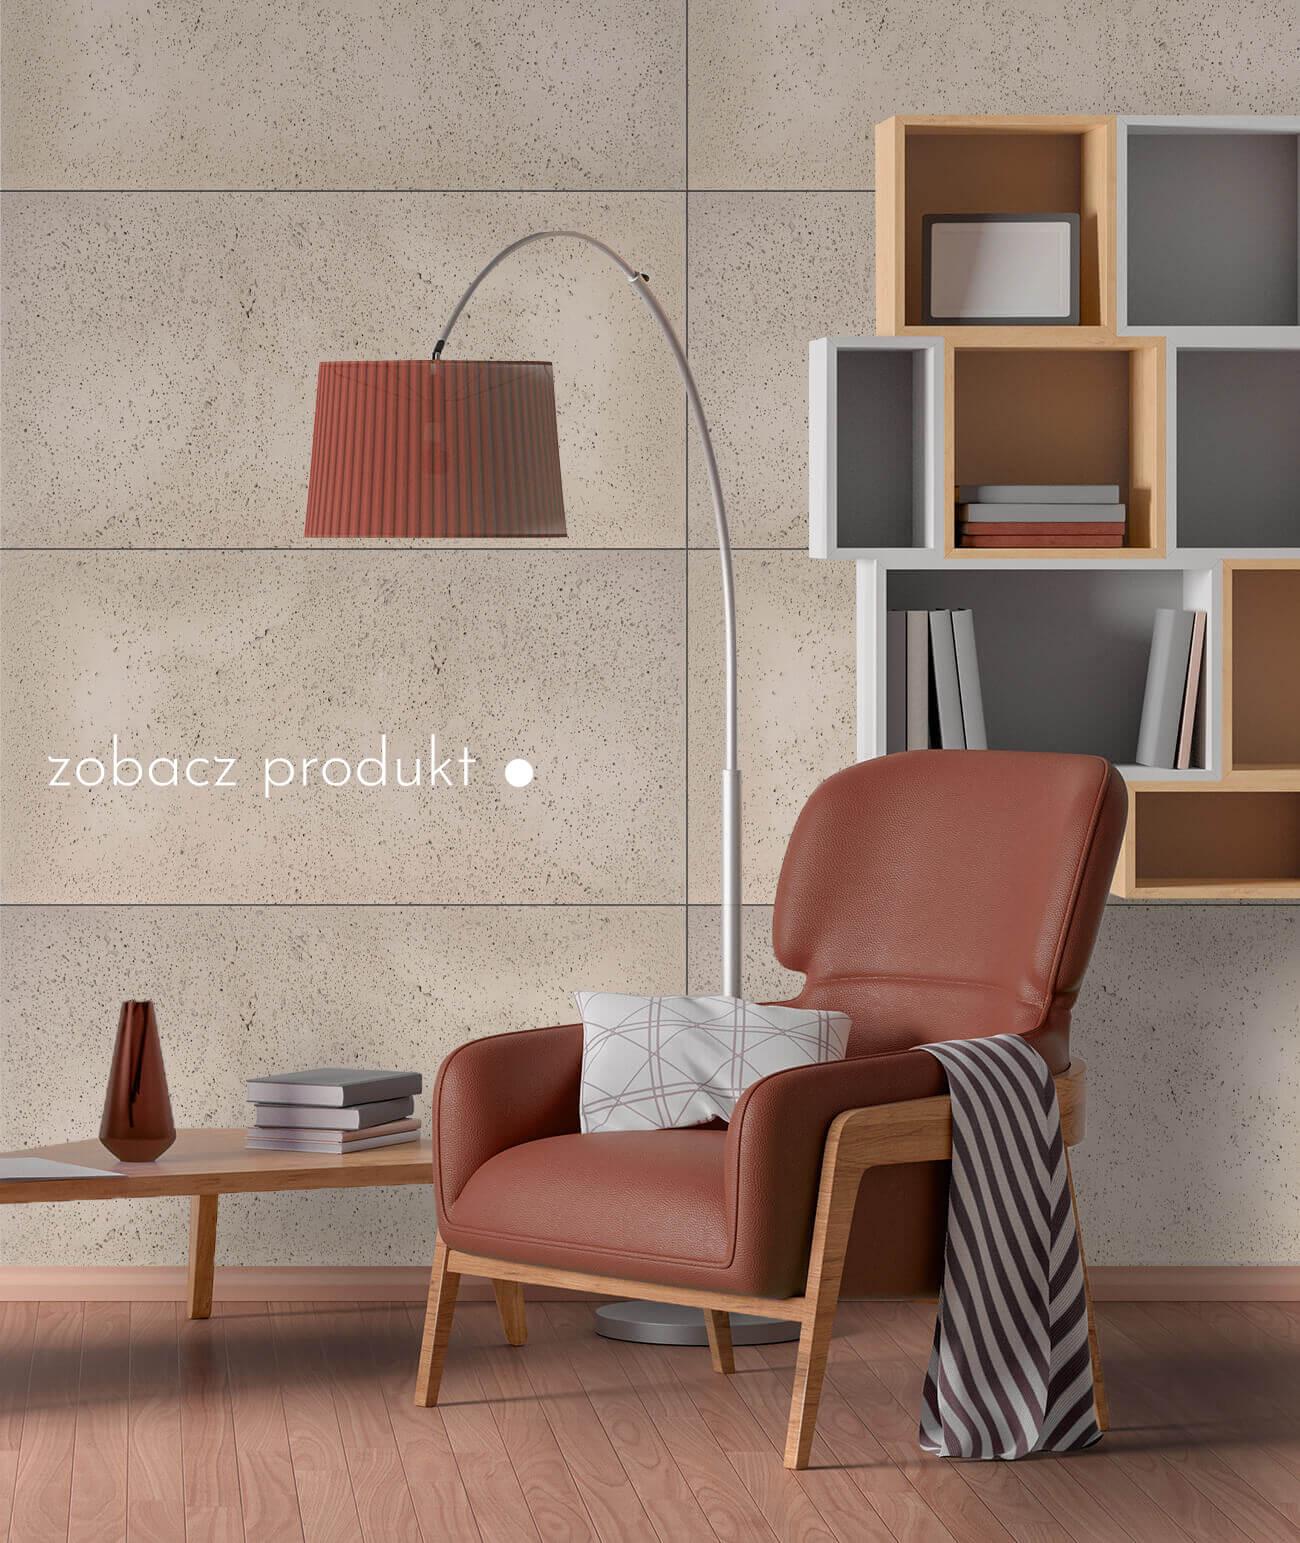 """""""1649-35472-ds-cappuccino-plyta-beton-architektoniczny-grc-ultralekka.html#/4-rozmiar-100x50_cm/46-grubosc-10_mm/94-porowatosc-duza"""""""